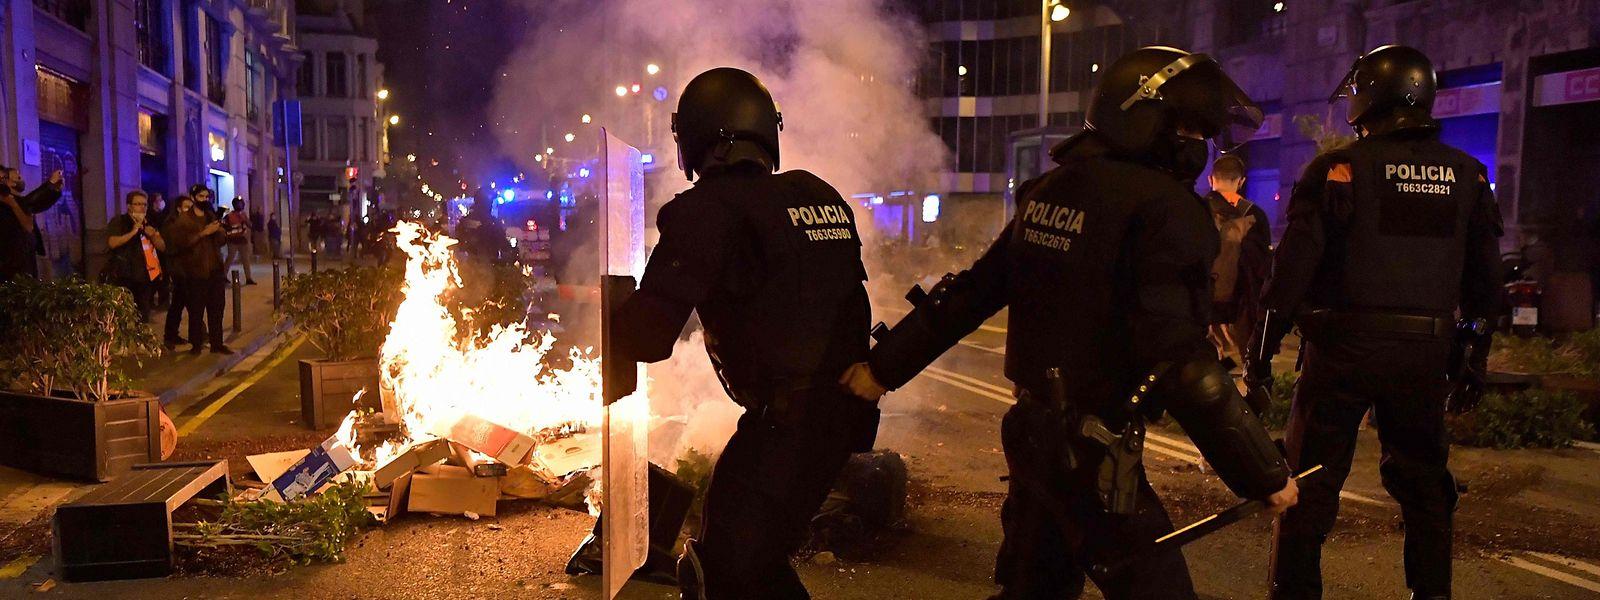 En Espagne comme en Italie, plusieurs manifestations sont venues contester les choix des gouvernements d'instaurer des mesures de couvre-feu.